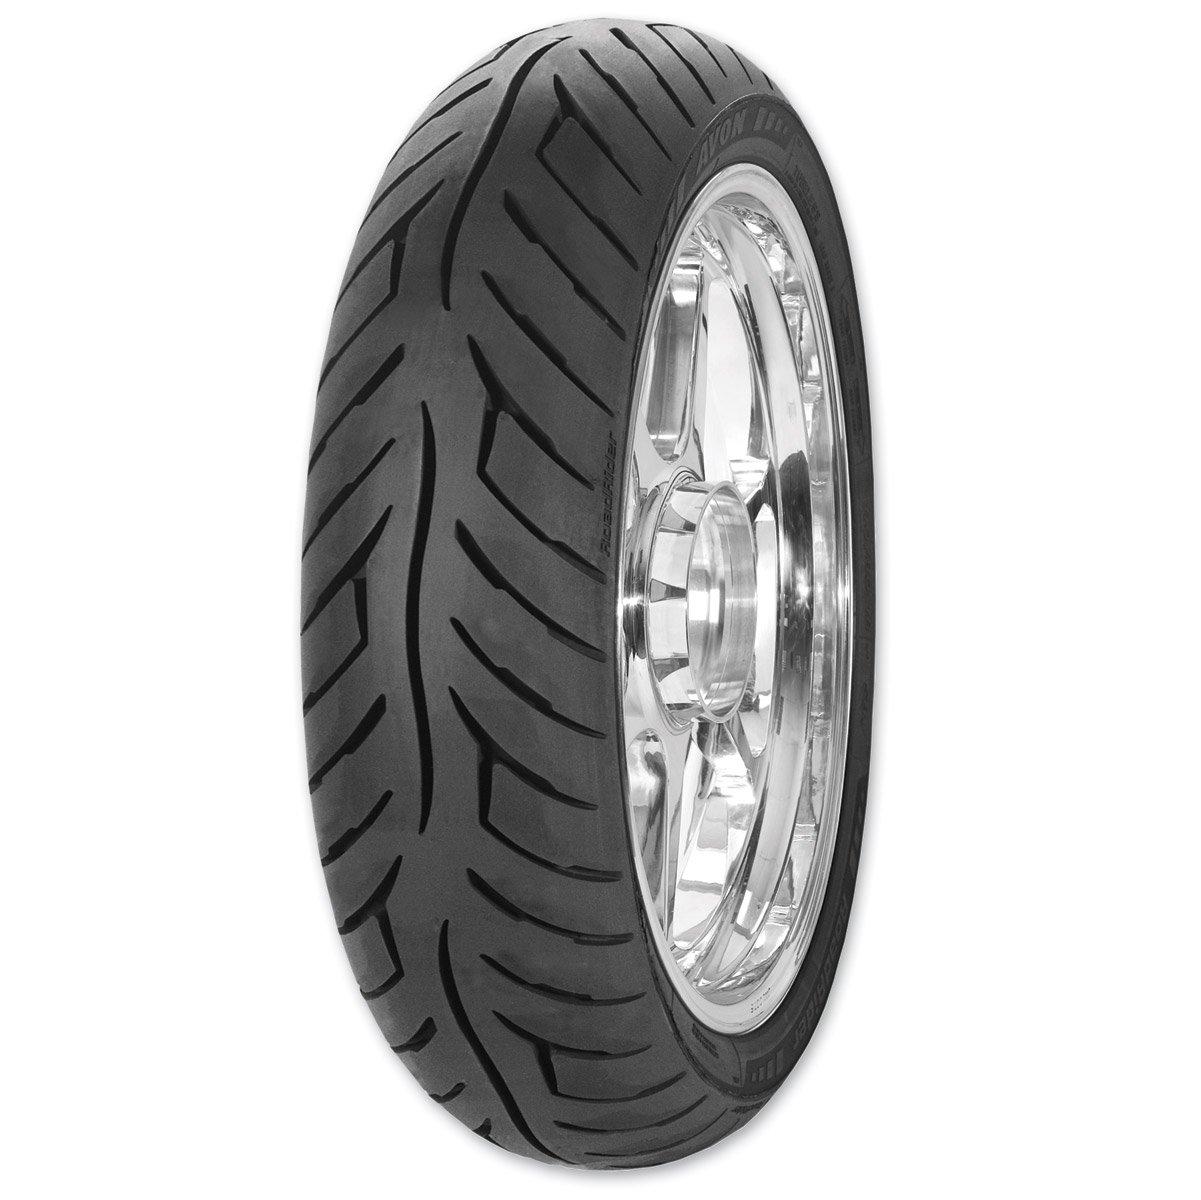 Avon AM26 Roadrider 130/70-18 Rear Tire 90000000670 4333415840 tr-305743